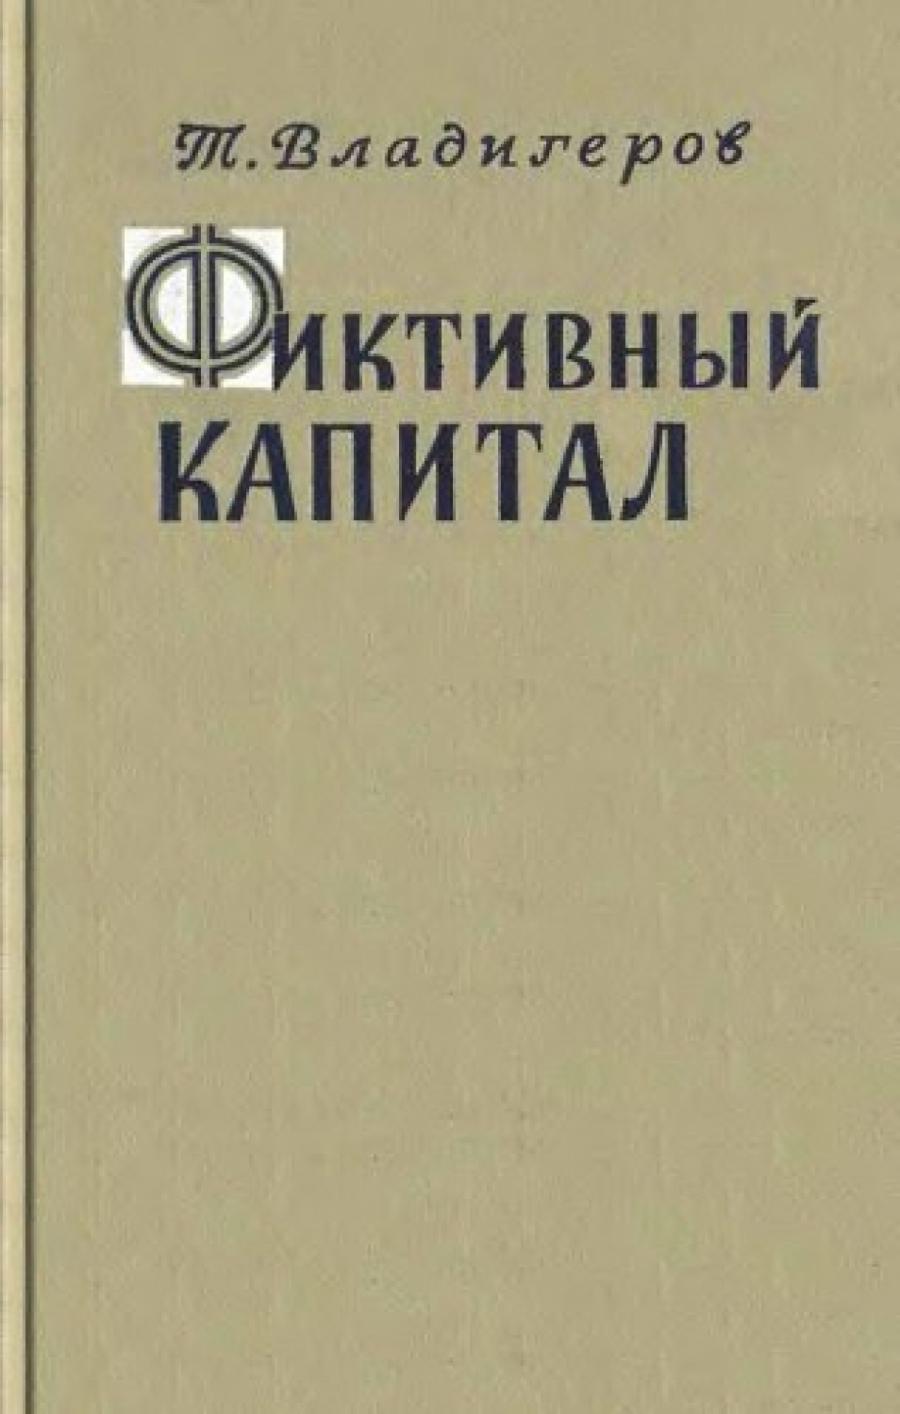 Обложка книги:  владигеров т. - фиктивный капитал